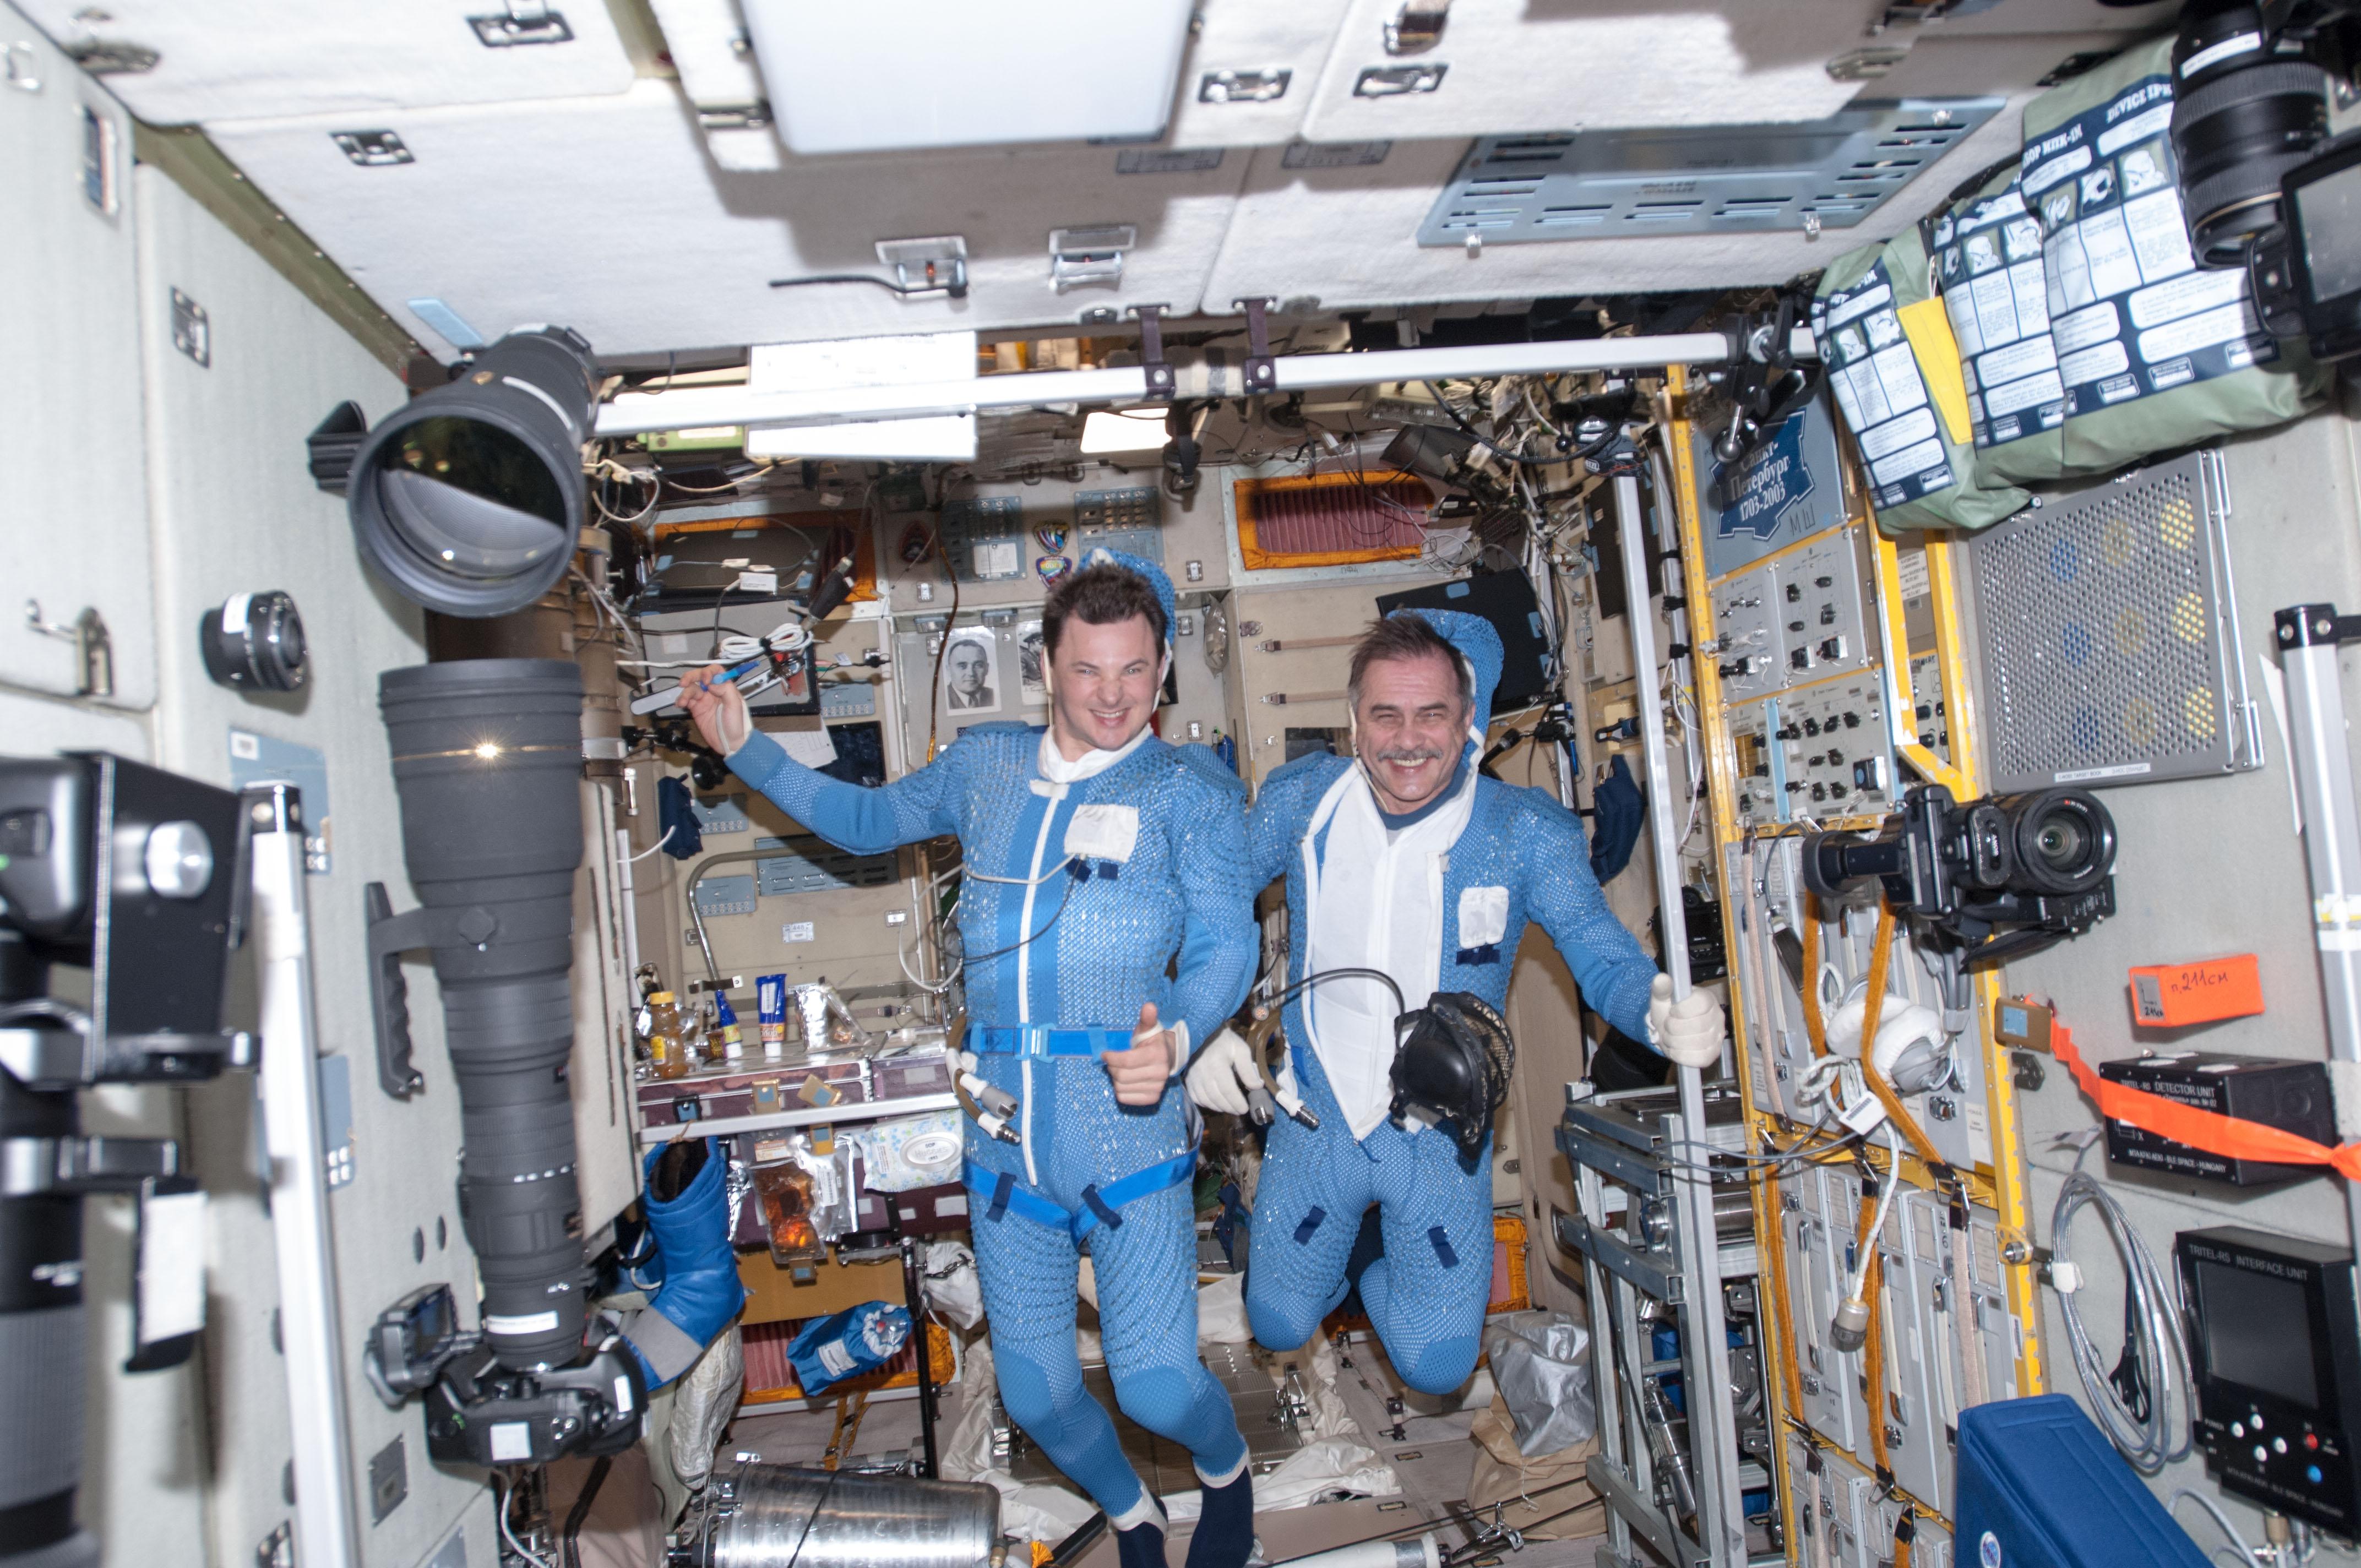 Before the Spacewalk